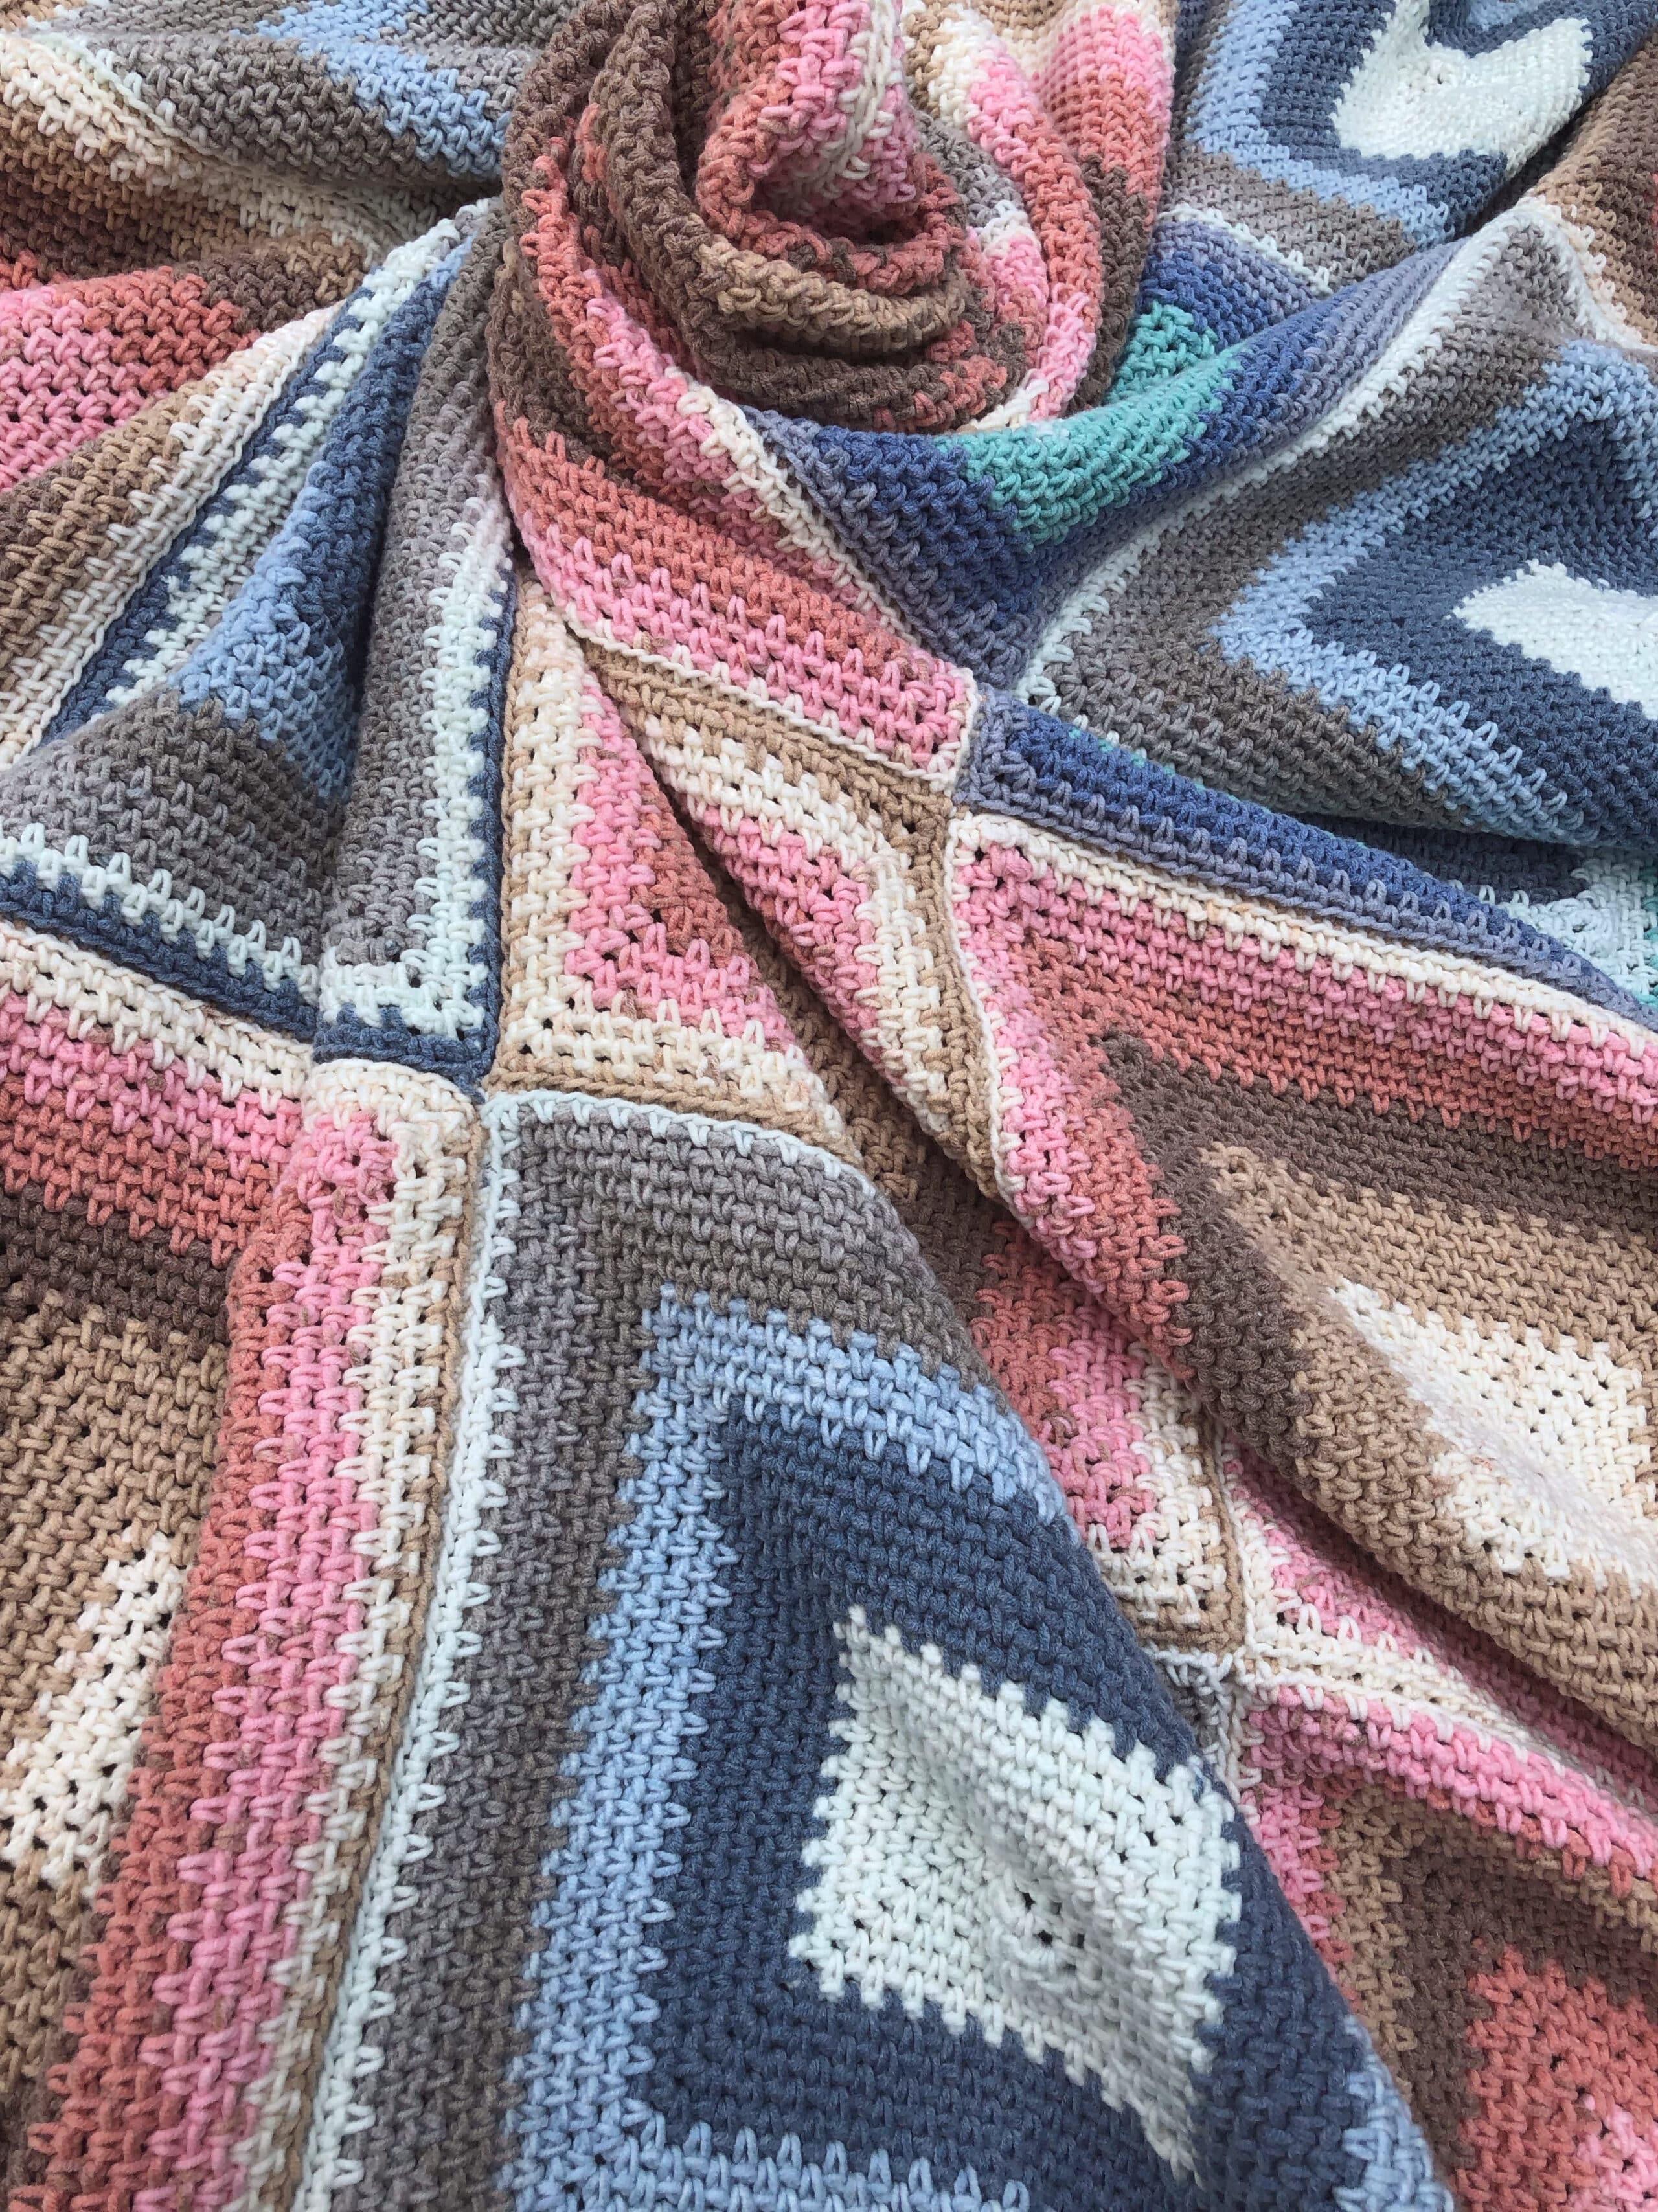 Caron Cakes Blanket2